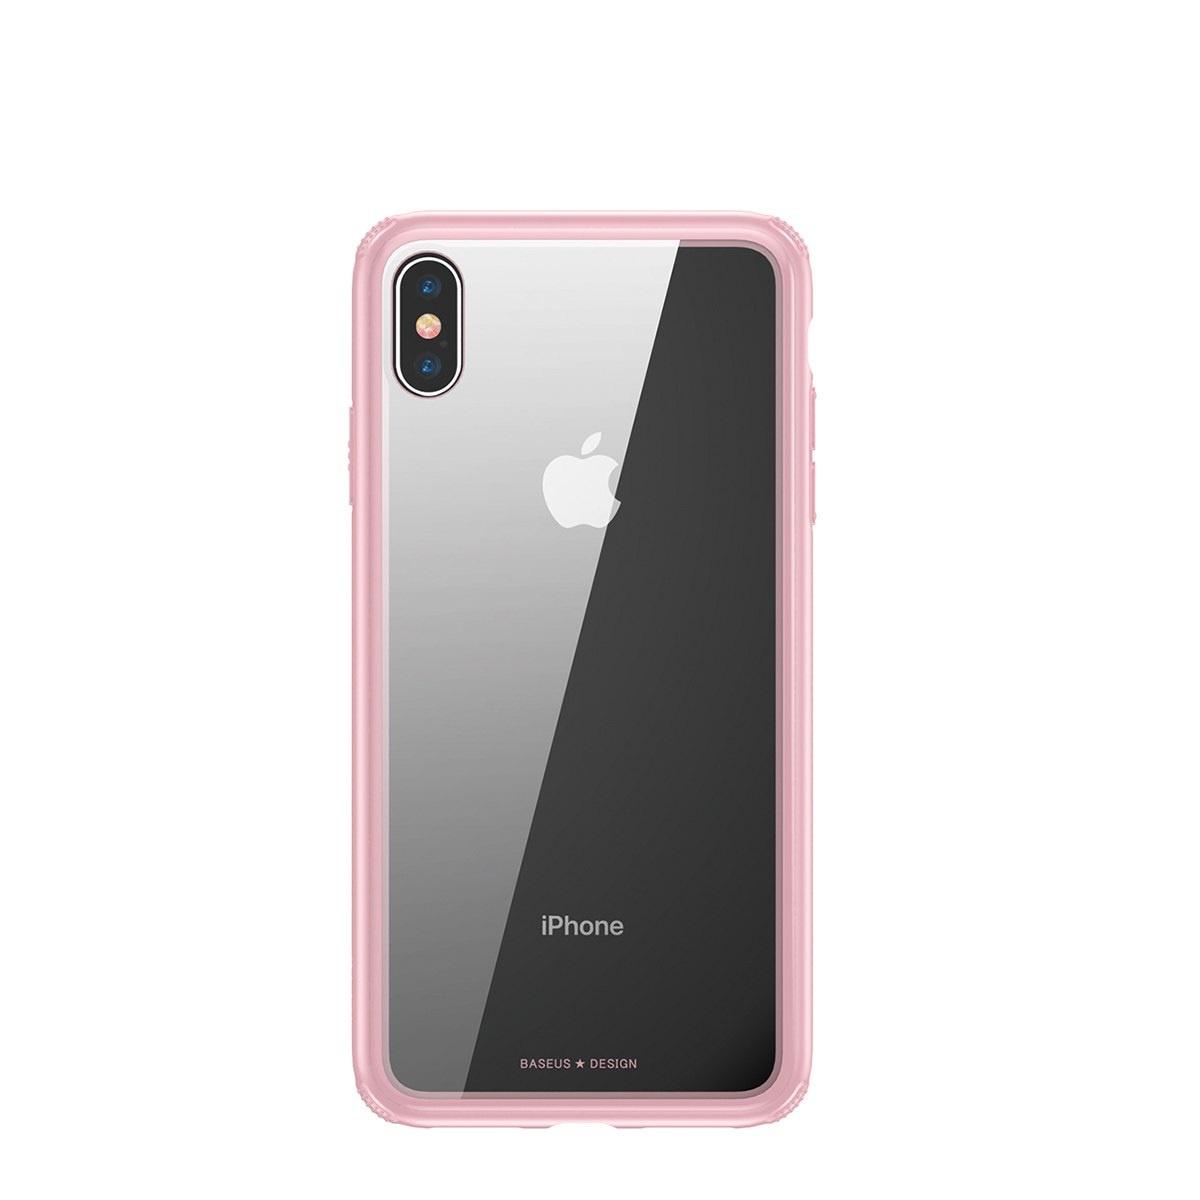 Чехол для сотового телефона Baseus WIAPIPH65-YS04, розовый braless see through backless babydoll